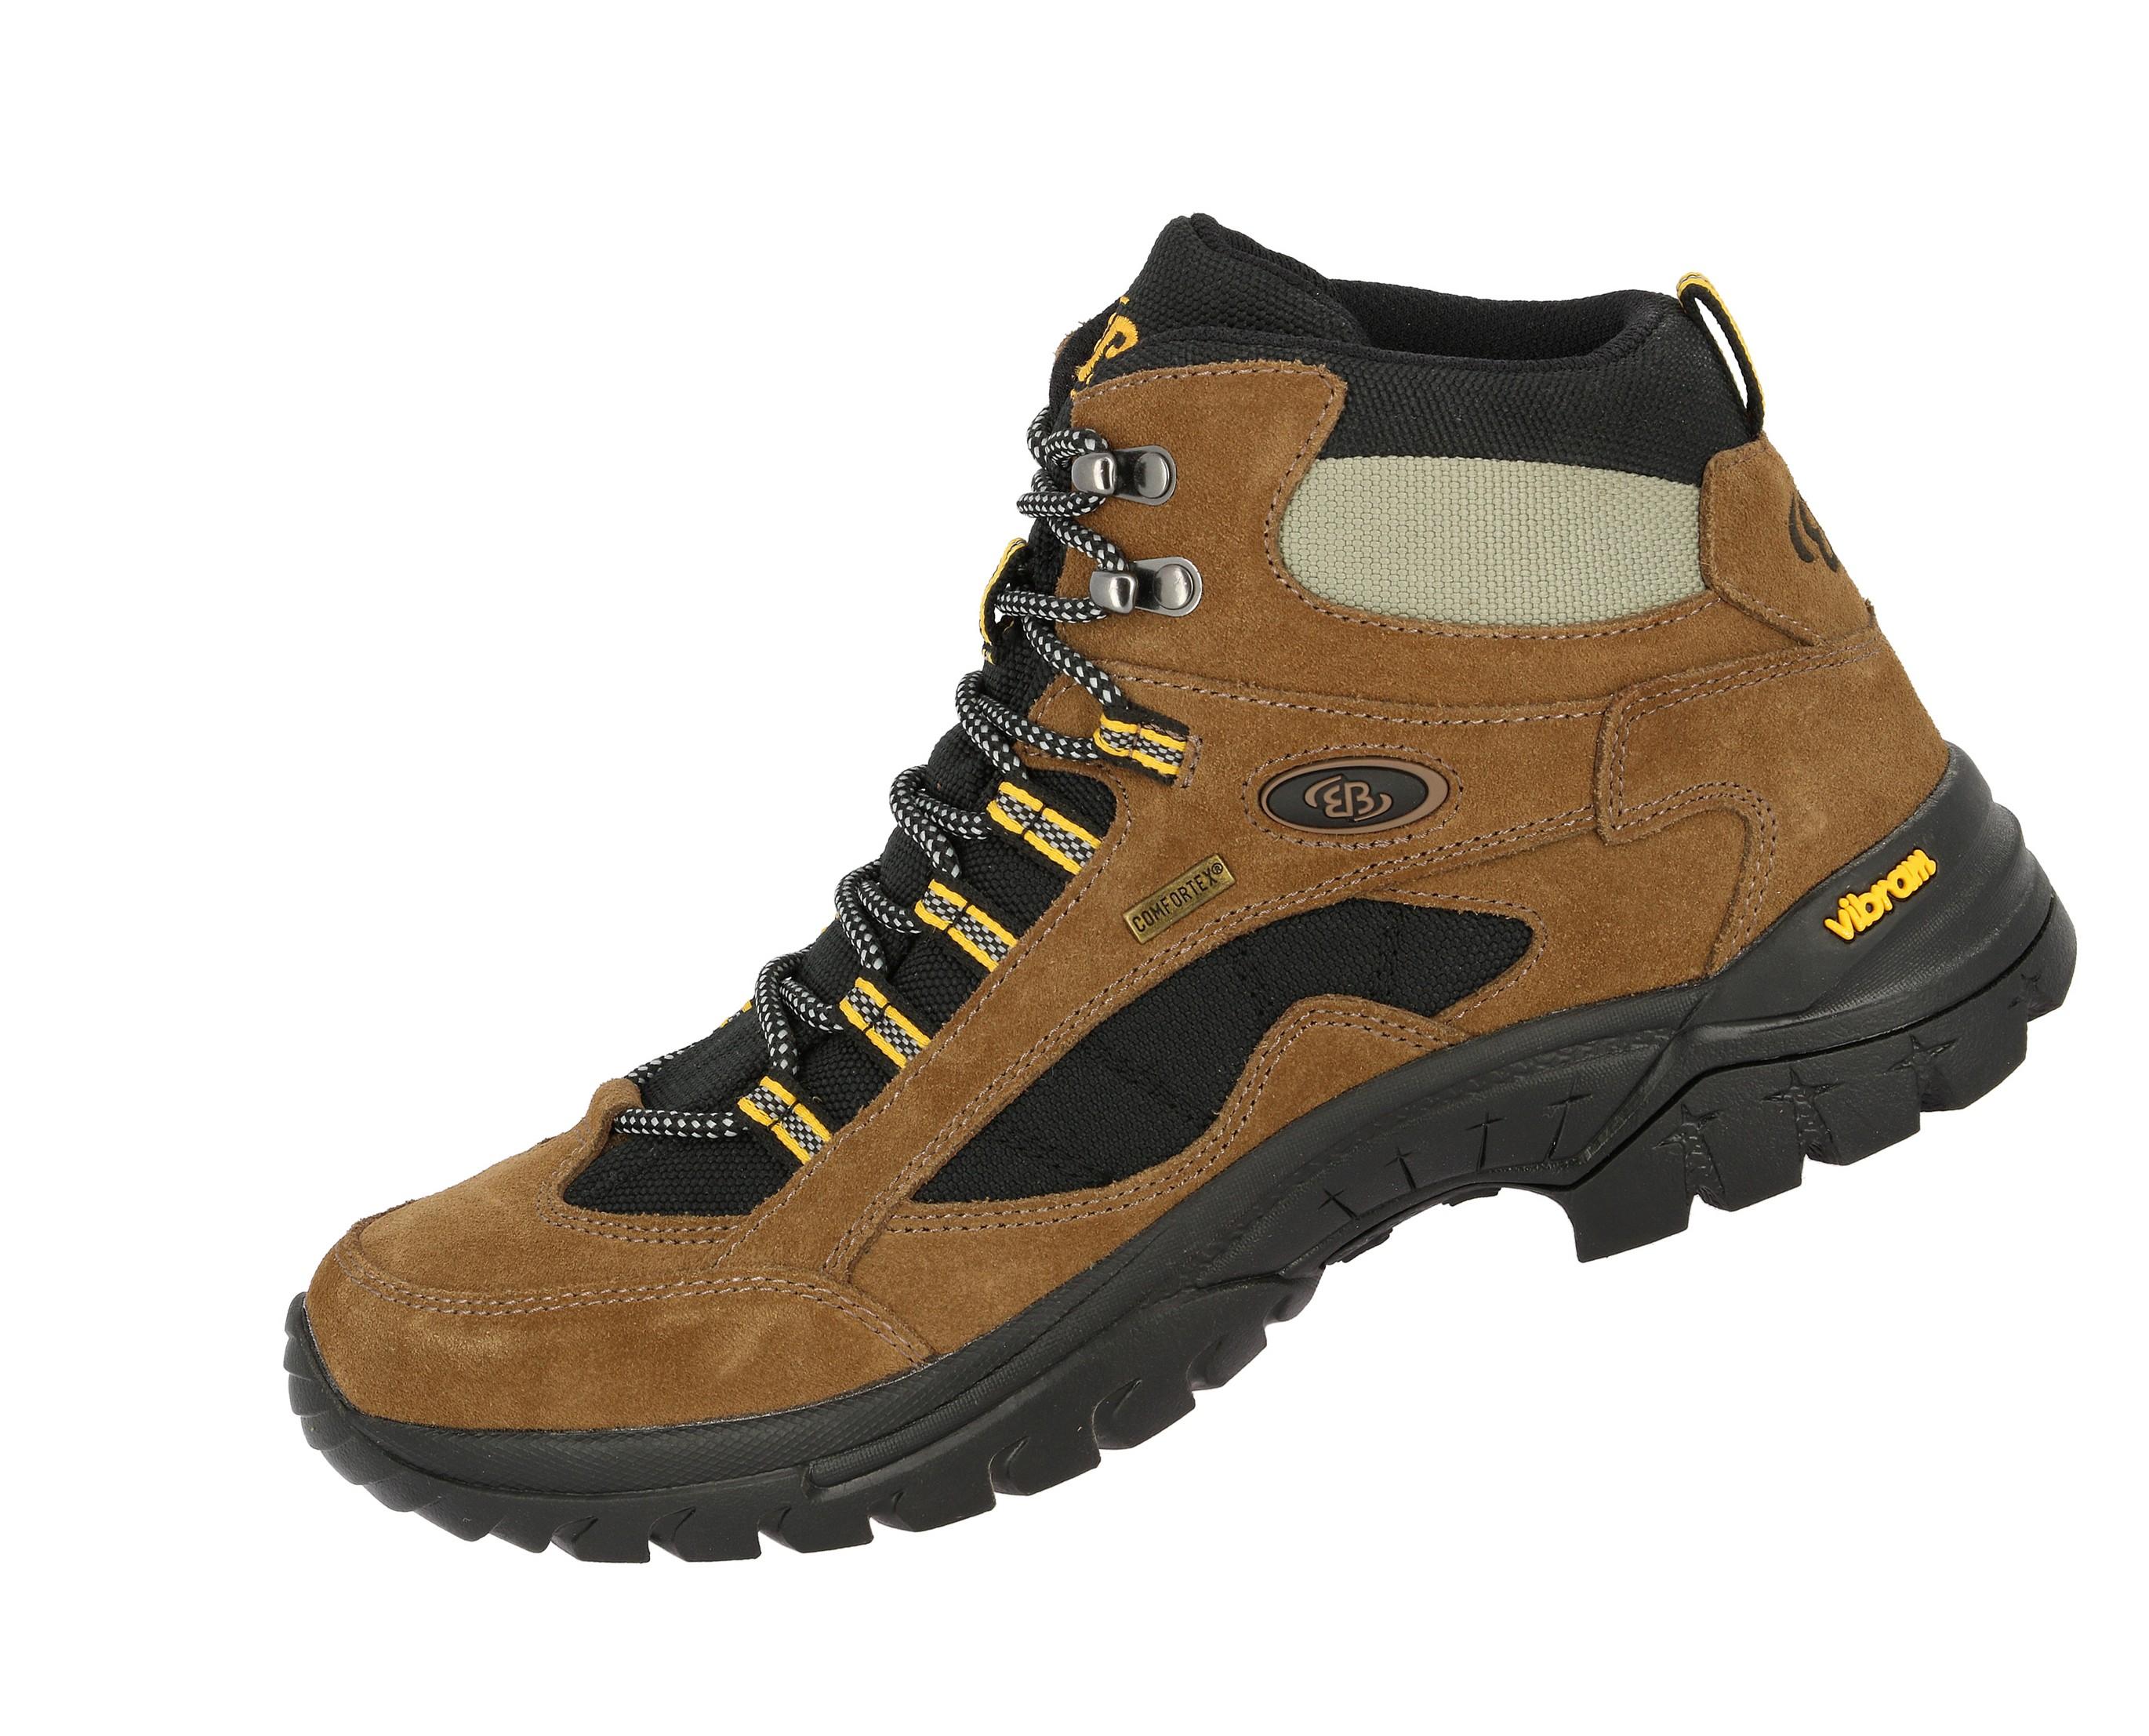 Details about Brütting Chiemney Rock Wanderstiefel Trekking Wandern Stiefel Schuhe braun